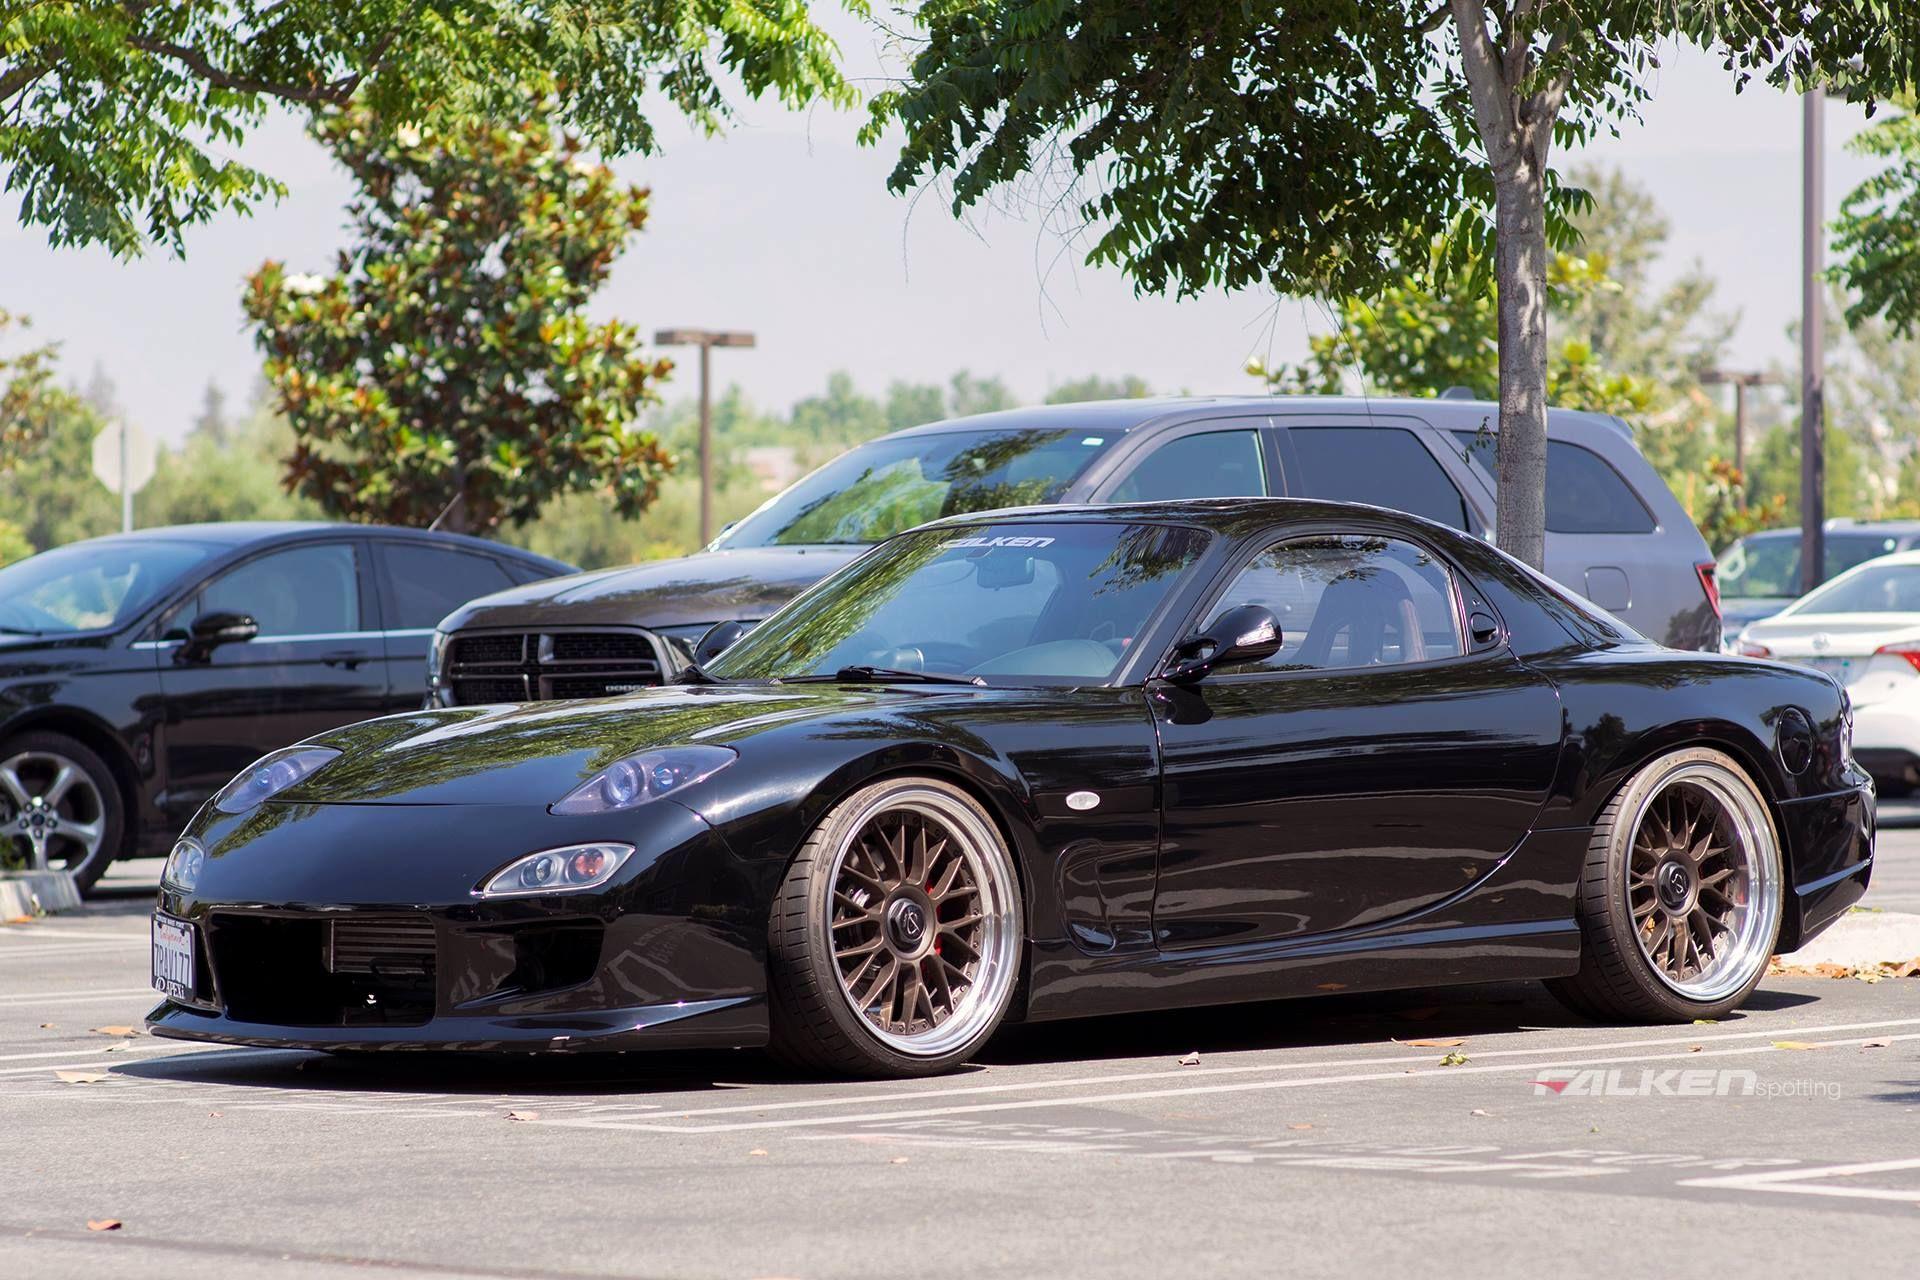 Mazda Rx7 Photos Serie 2 Picture Of Mazda Rx7 Mazdarx7 Mazda